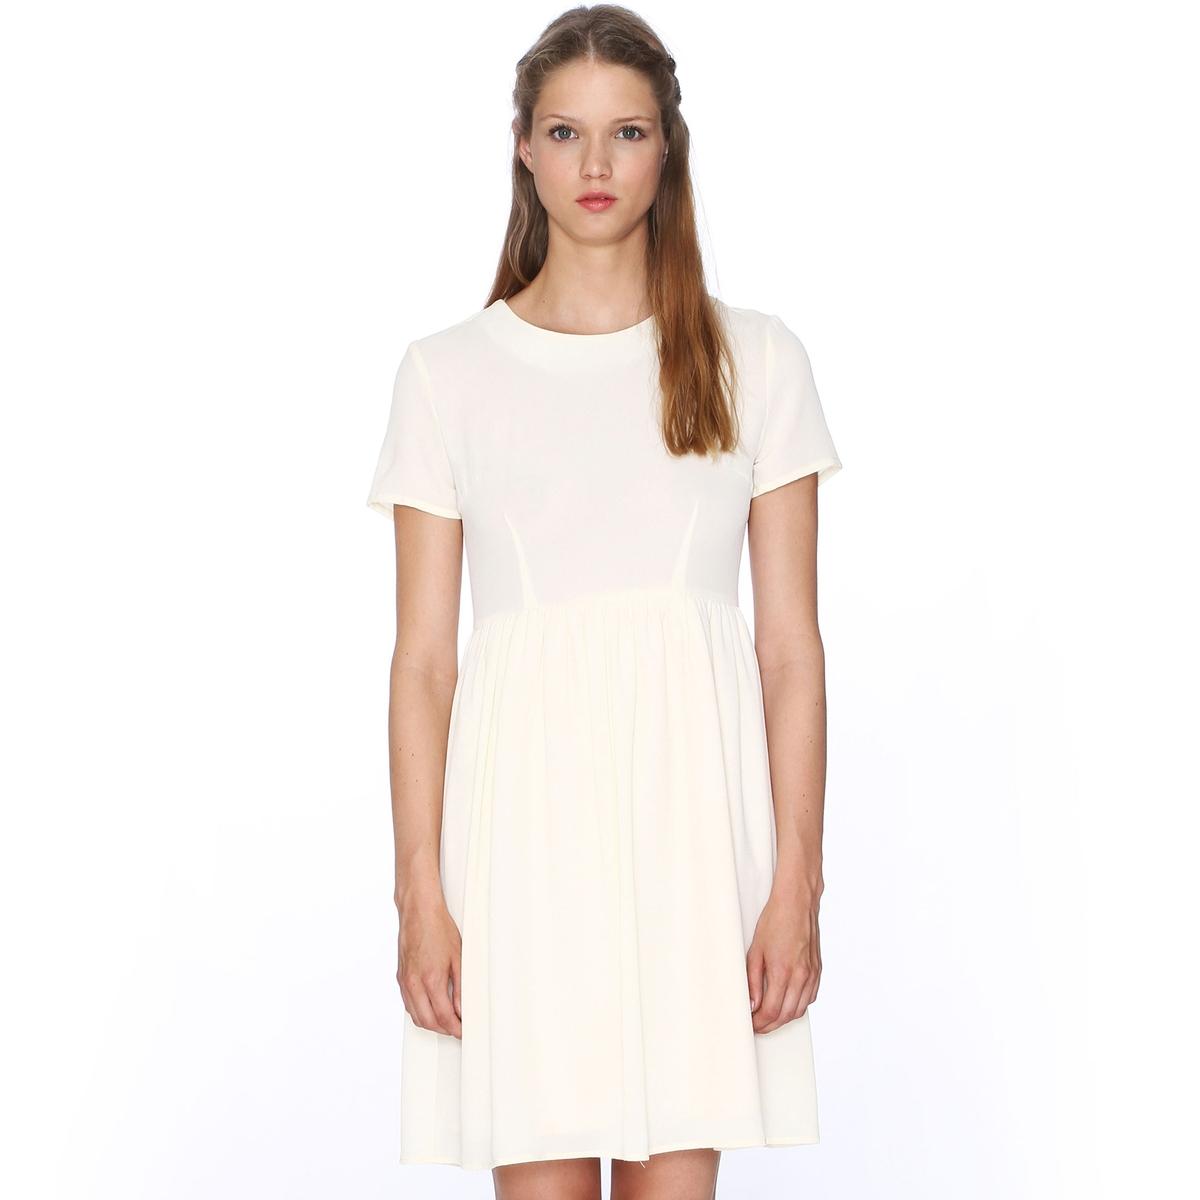 Платье с короткими рукавами расклешенного покроя PEPALOVES, Dress CruzПлатье с короткими рукавами Dress Cruz от PEPALOVES. Присборено на талии и с расклешенным низом. Круглый вырез. Молния сзади.Состав и описание :Материал : 96% полиэстера, 4% эластанаМарка : PEPALOVES<br><br>Цвет: кремовый<br>Размер: S.M